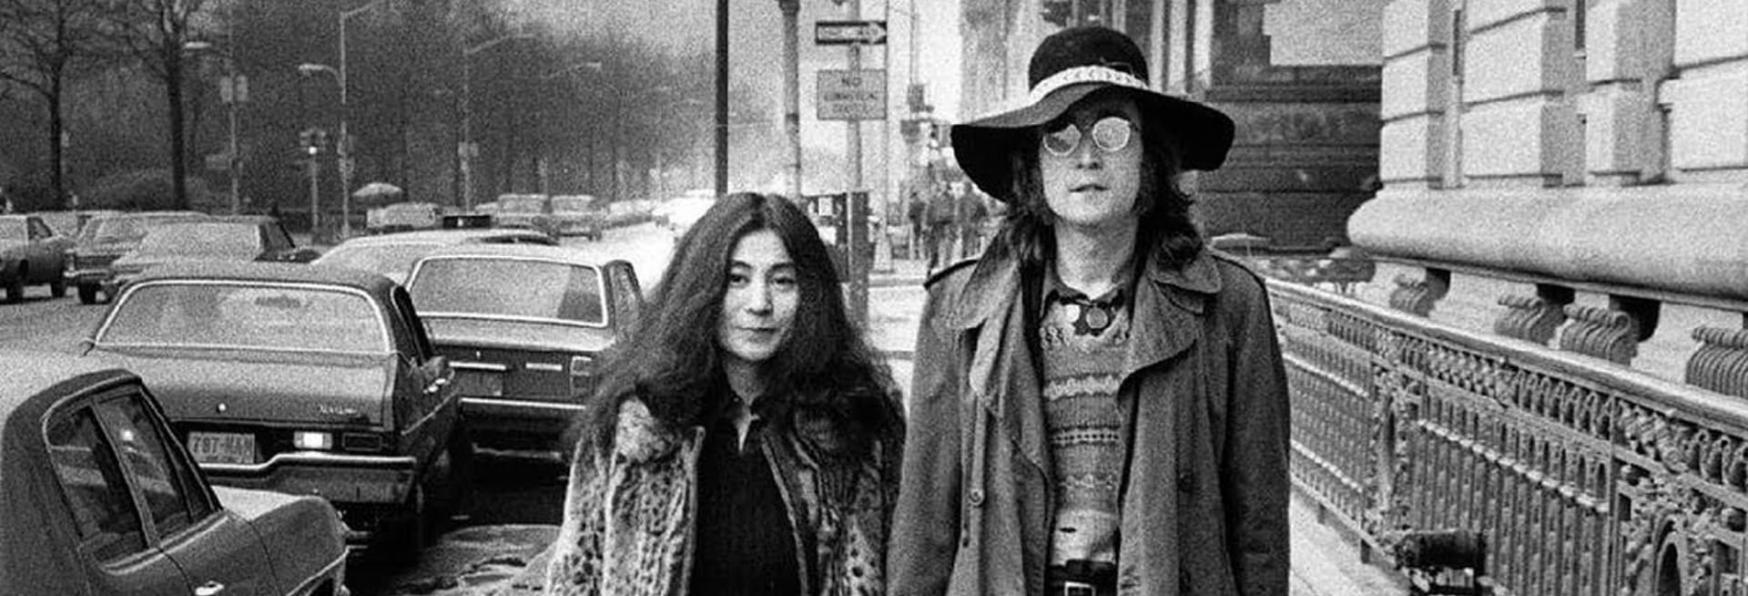 1971: L'Anno in cui la Musica ha Cambiato Tutto - Rilasciato il Trailer della nuova Docuserie Apple